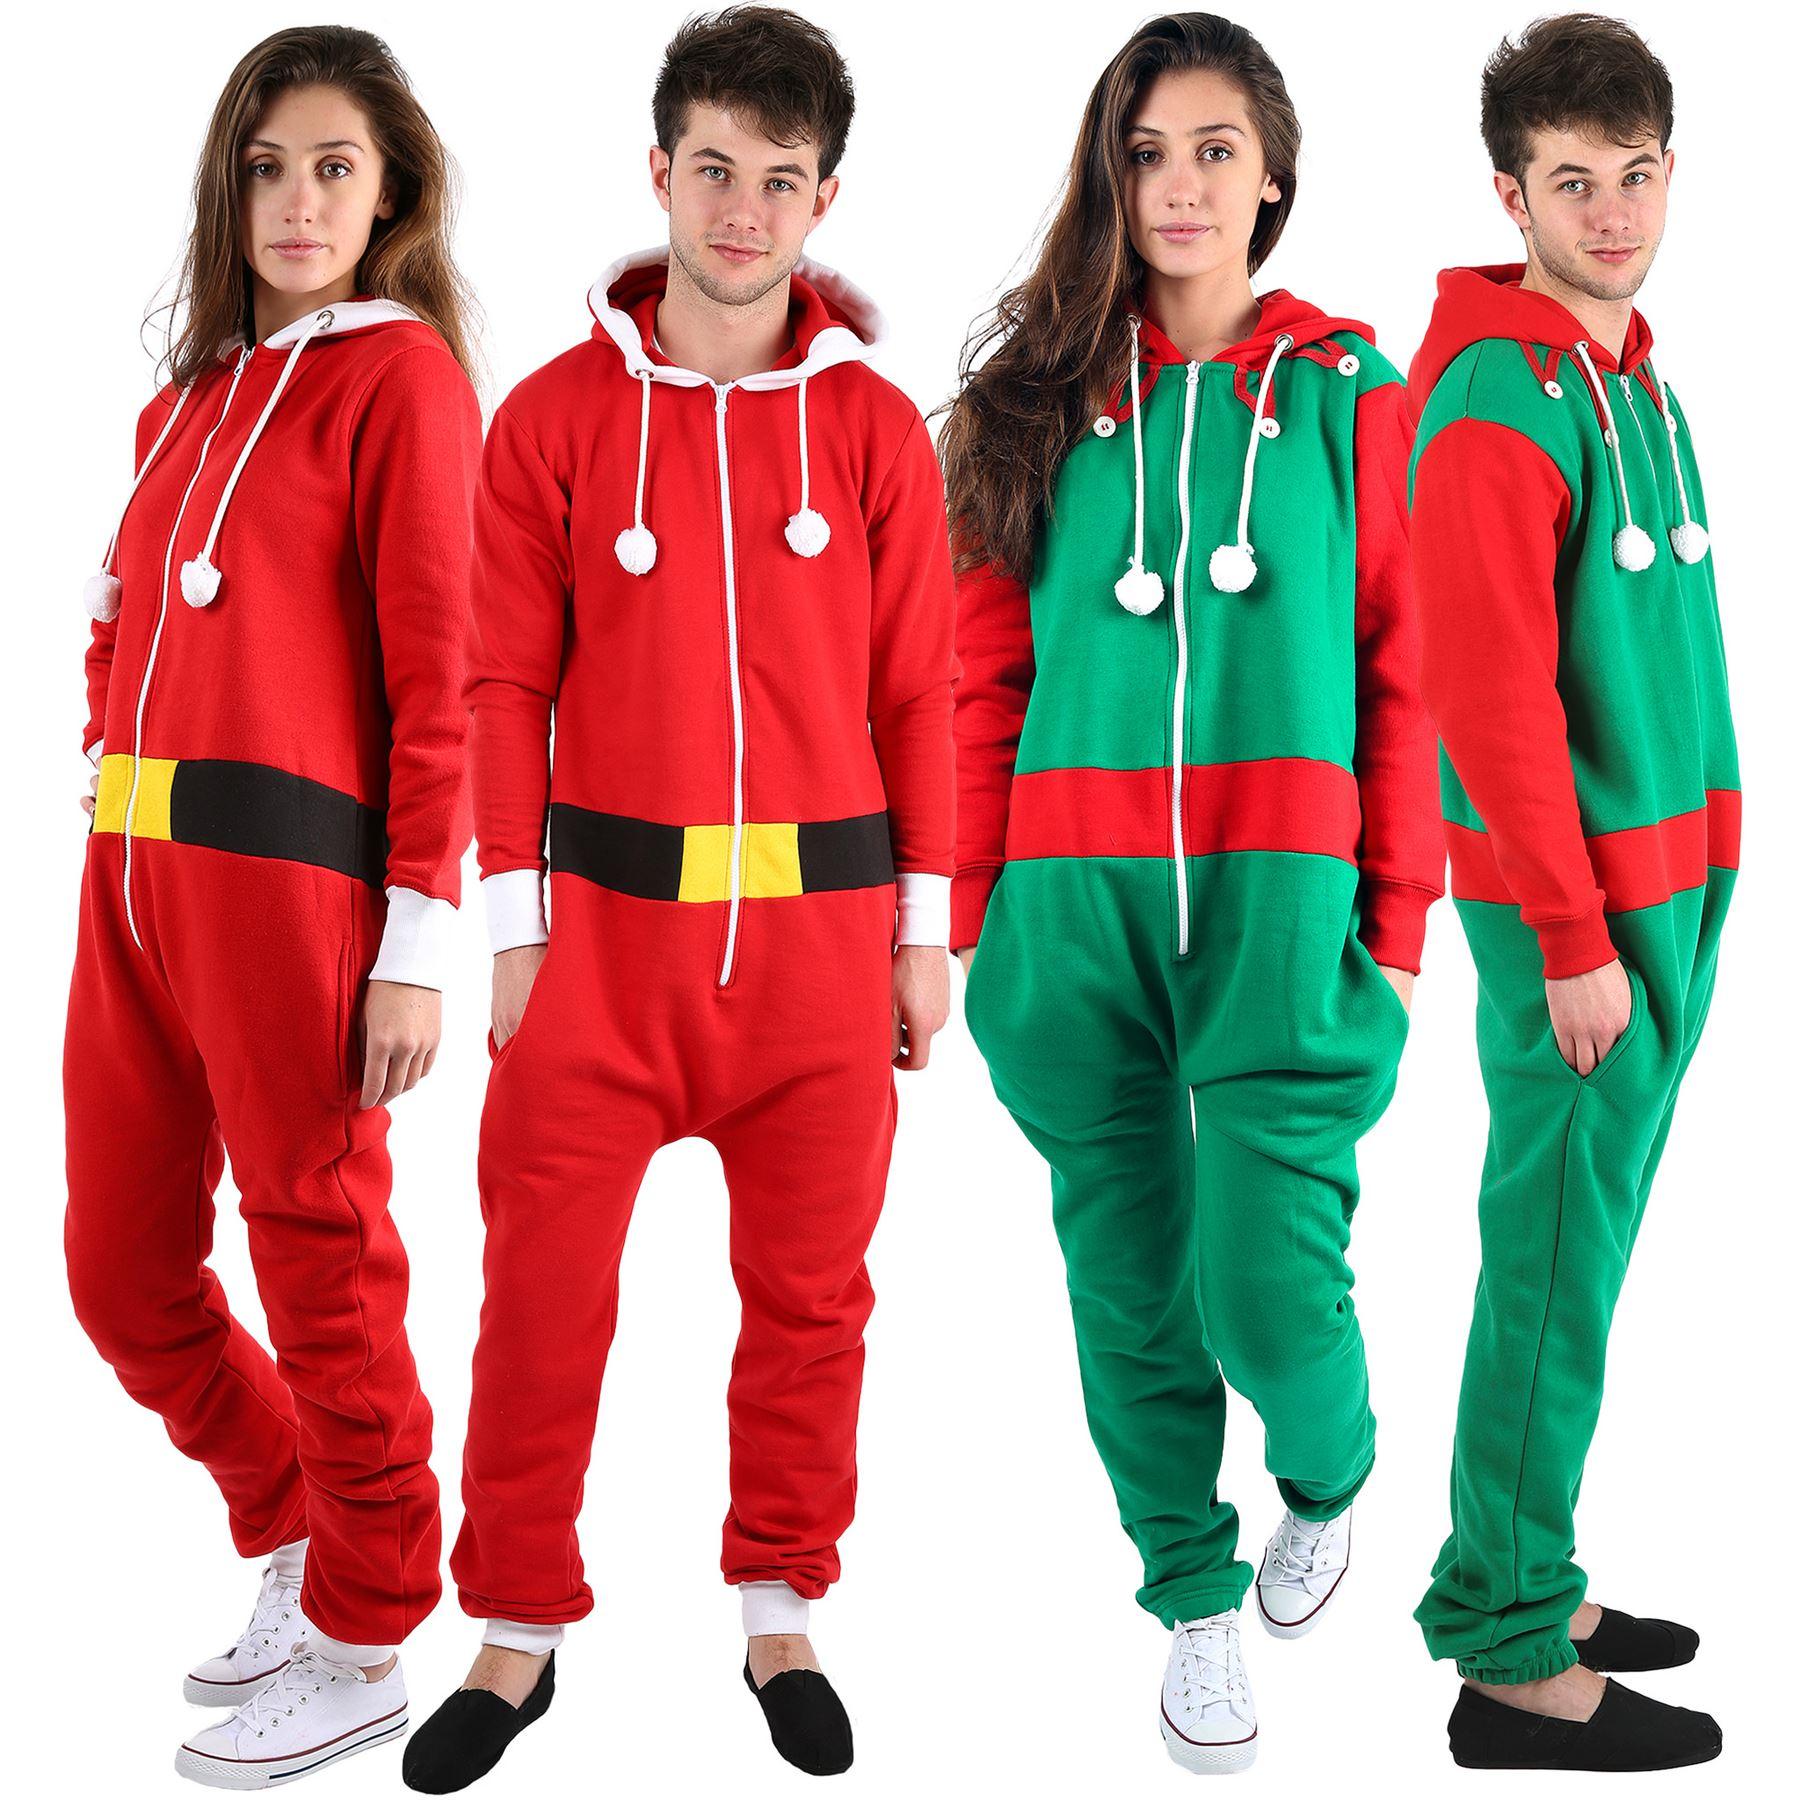 christmas pajamas plus size next image